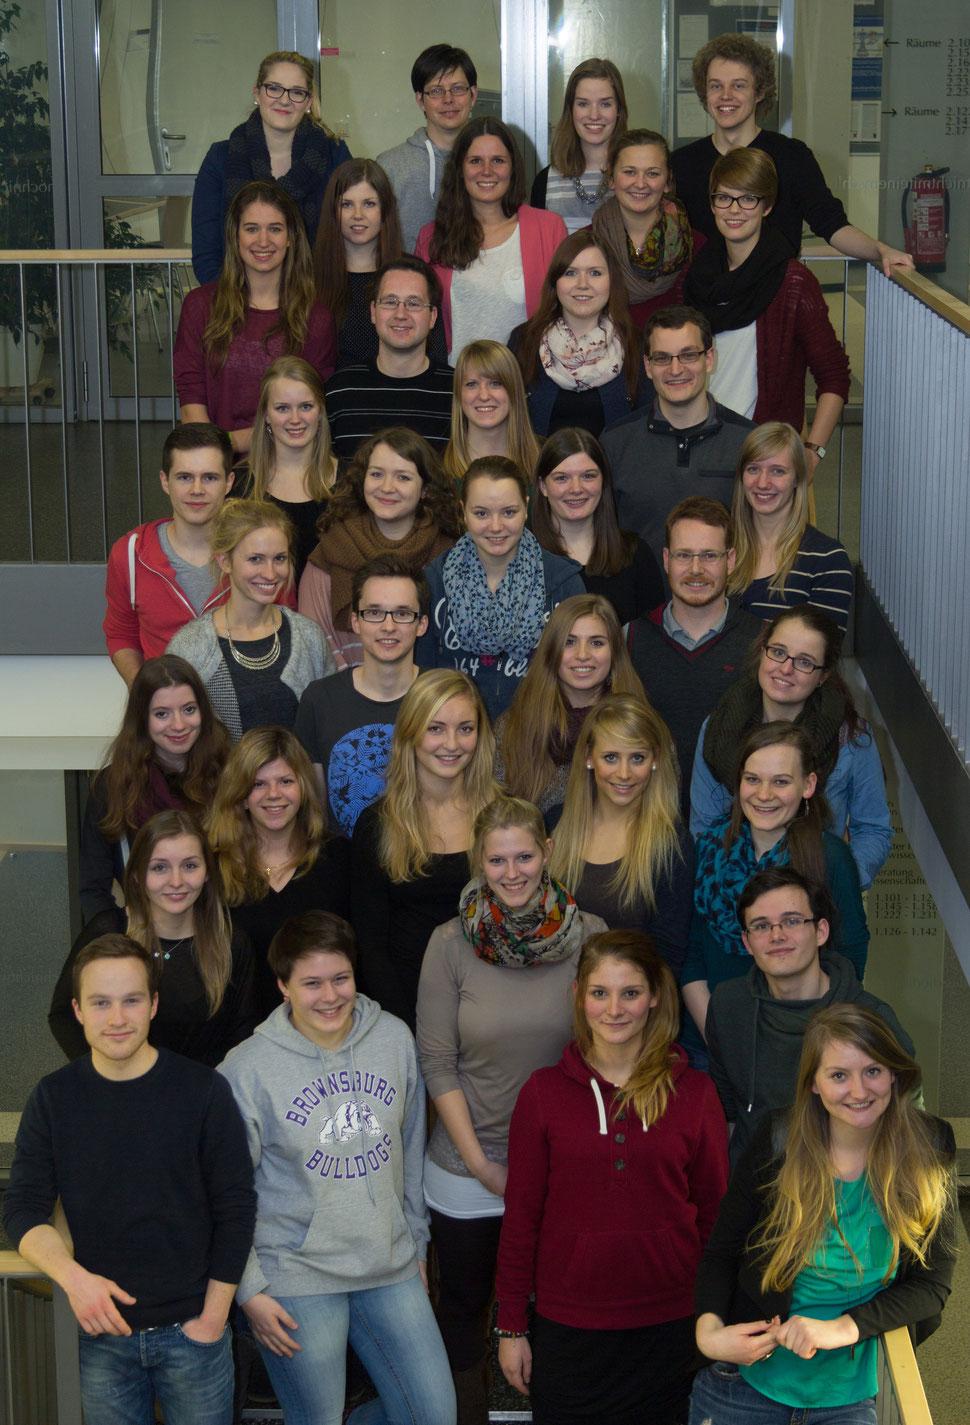 Wiwi 2016 Göttingen Universität Uni ADW Fachschaft FSR Fachschaftsrat Klausuren Wir sind die Fachschaft Arbeitsgemeinschaft Demokratischer Wirtschaftswissenschaftler Hochschulgruppe HSG